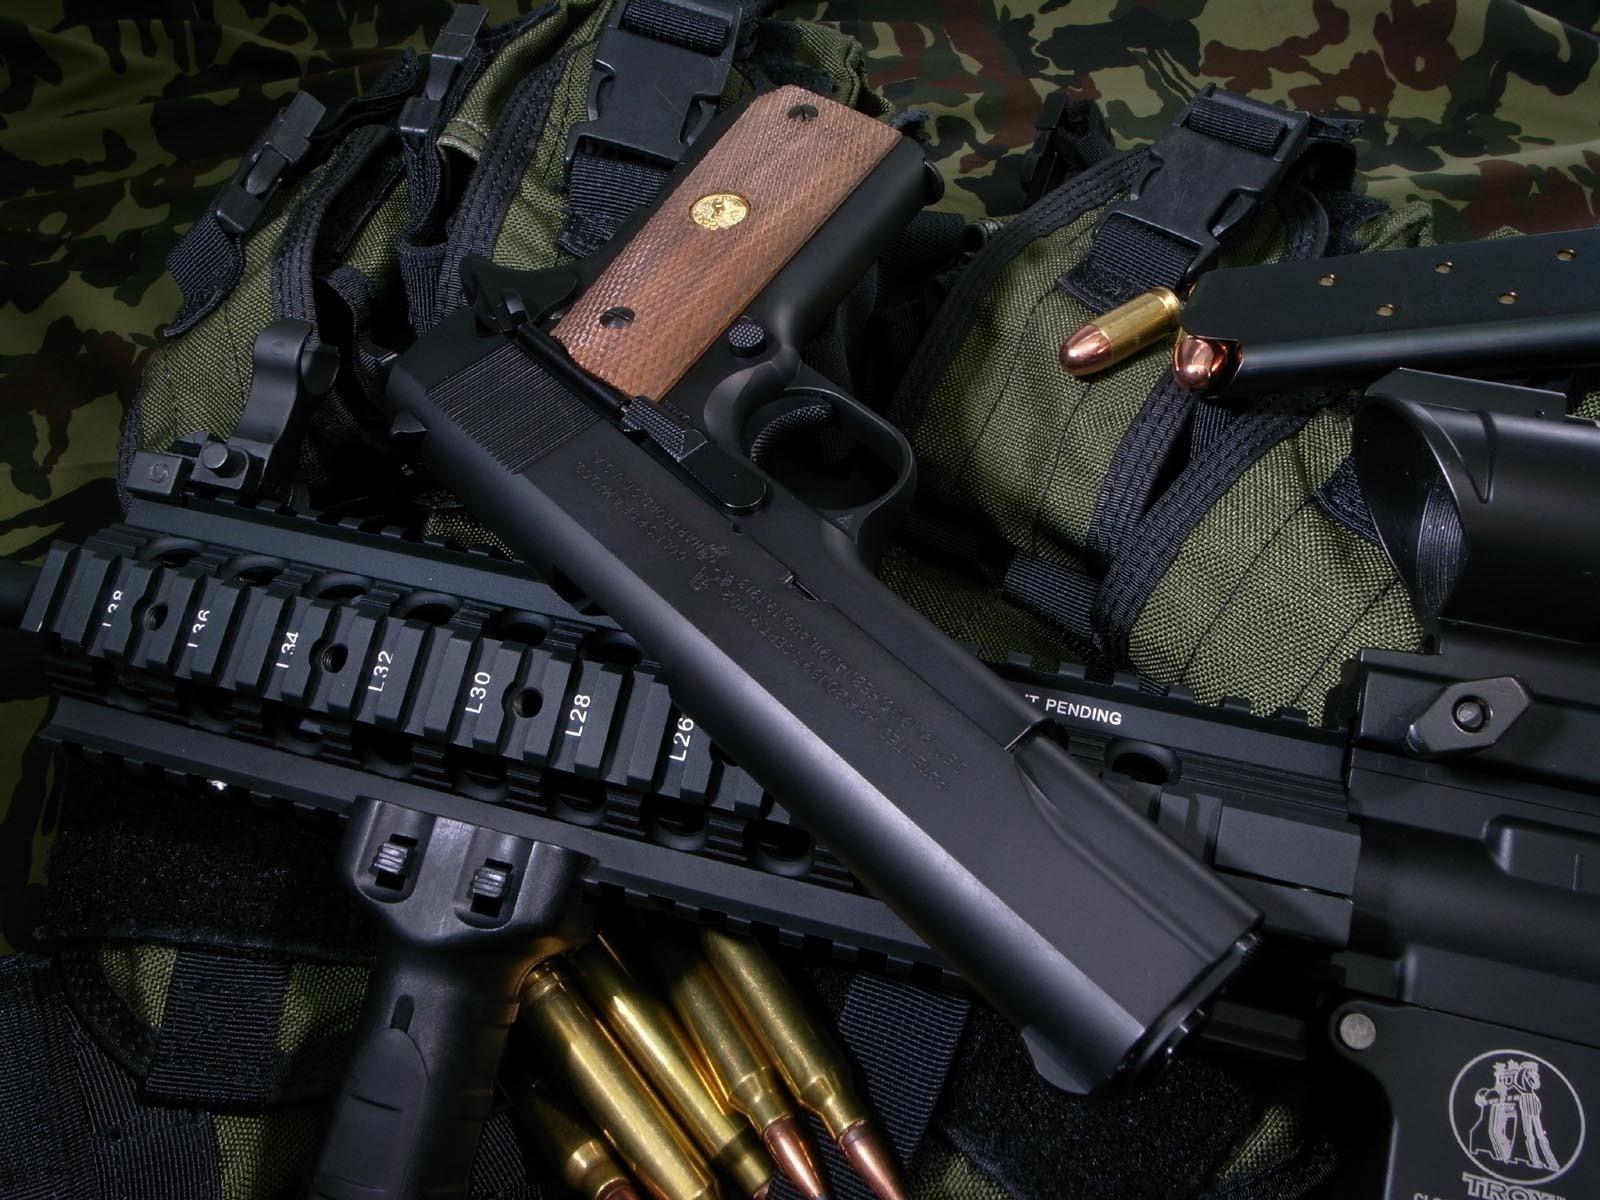 weapons wallpaper, Скачать фото, оружие, обои для рабочего стола, бесплатно